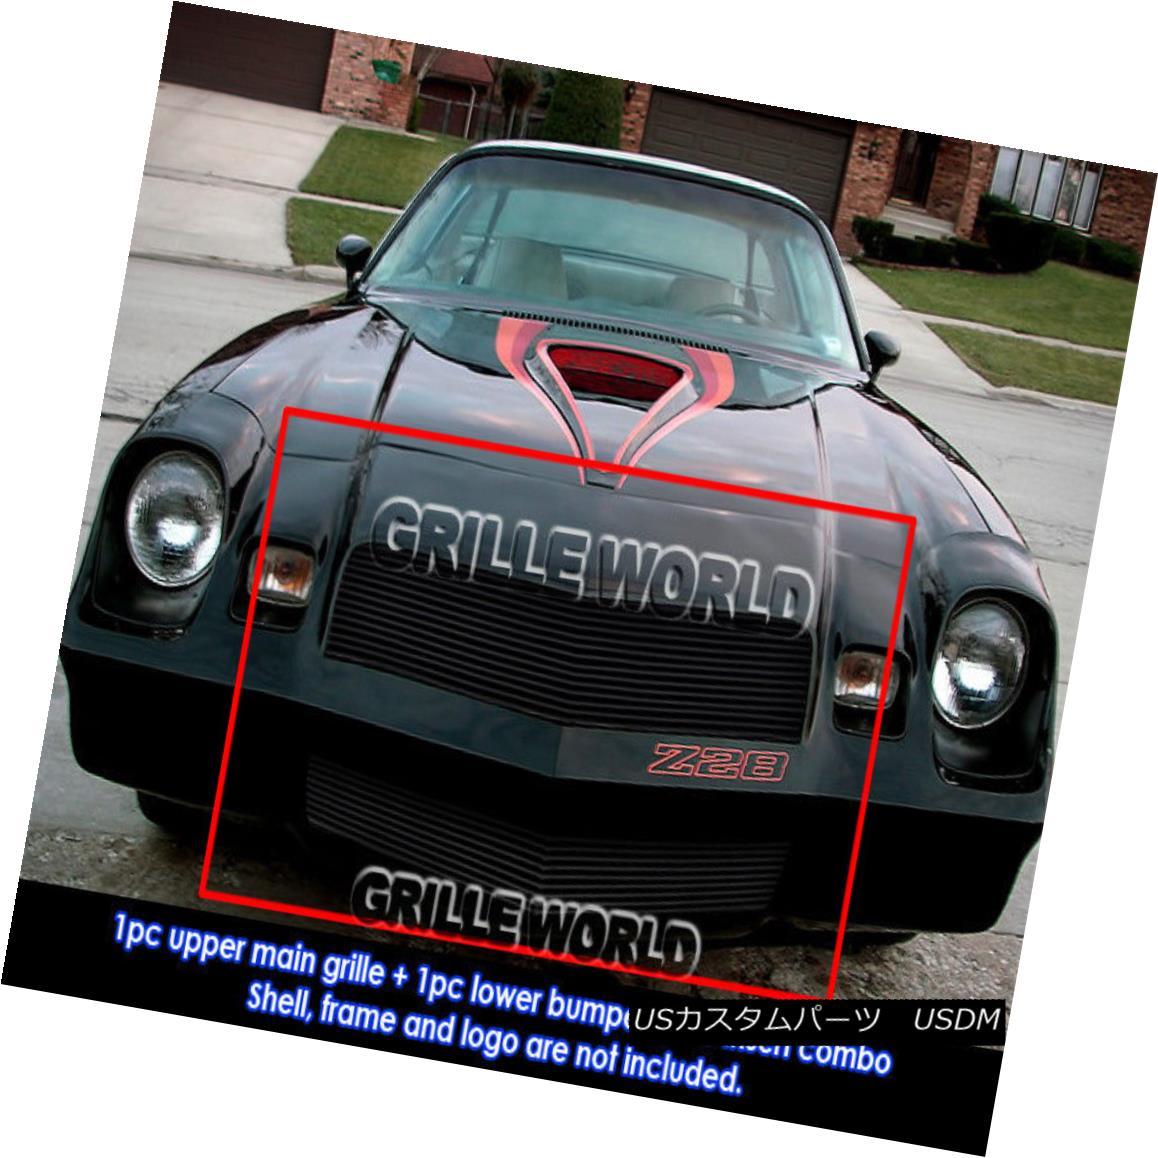 グリル For 78-81 Chevy Camaro Black Billet Grille Grill Combo Insert 78-81シボレーカマロブラックビレットグリルグリルコンボインサート